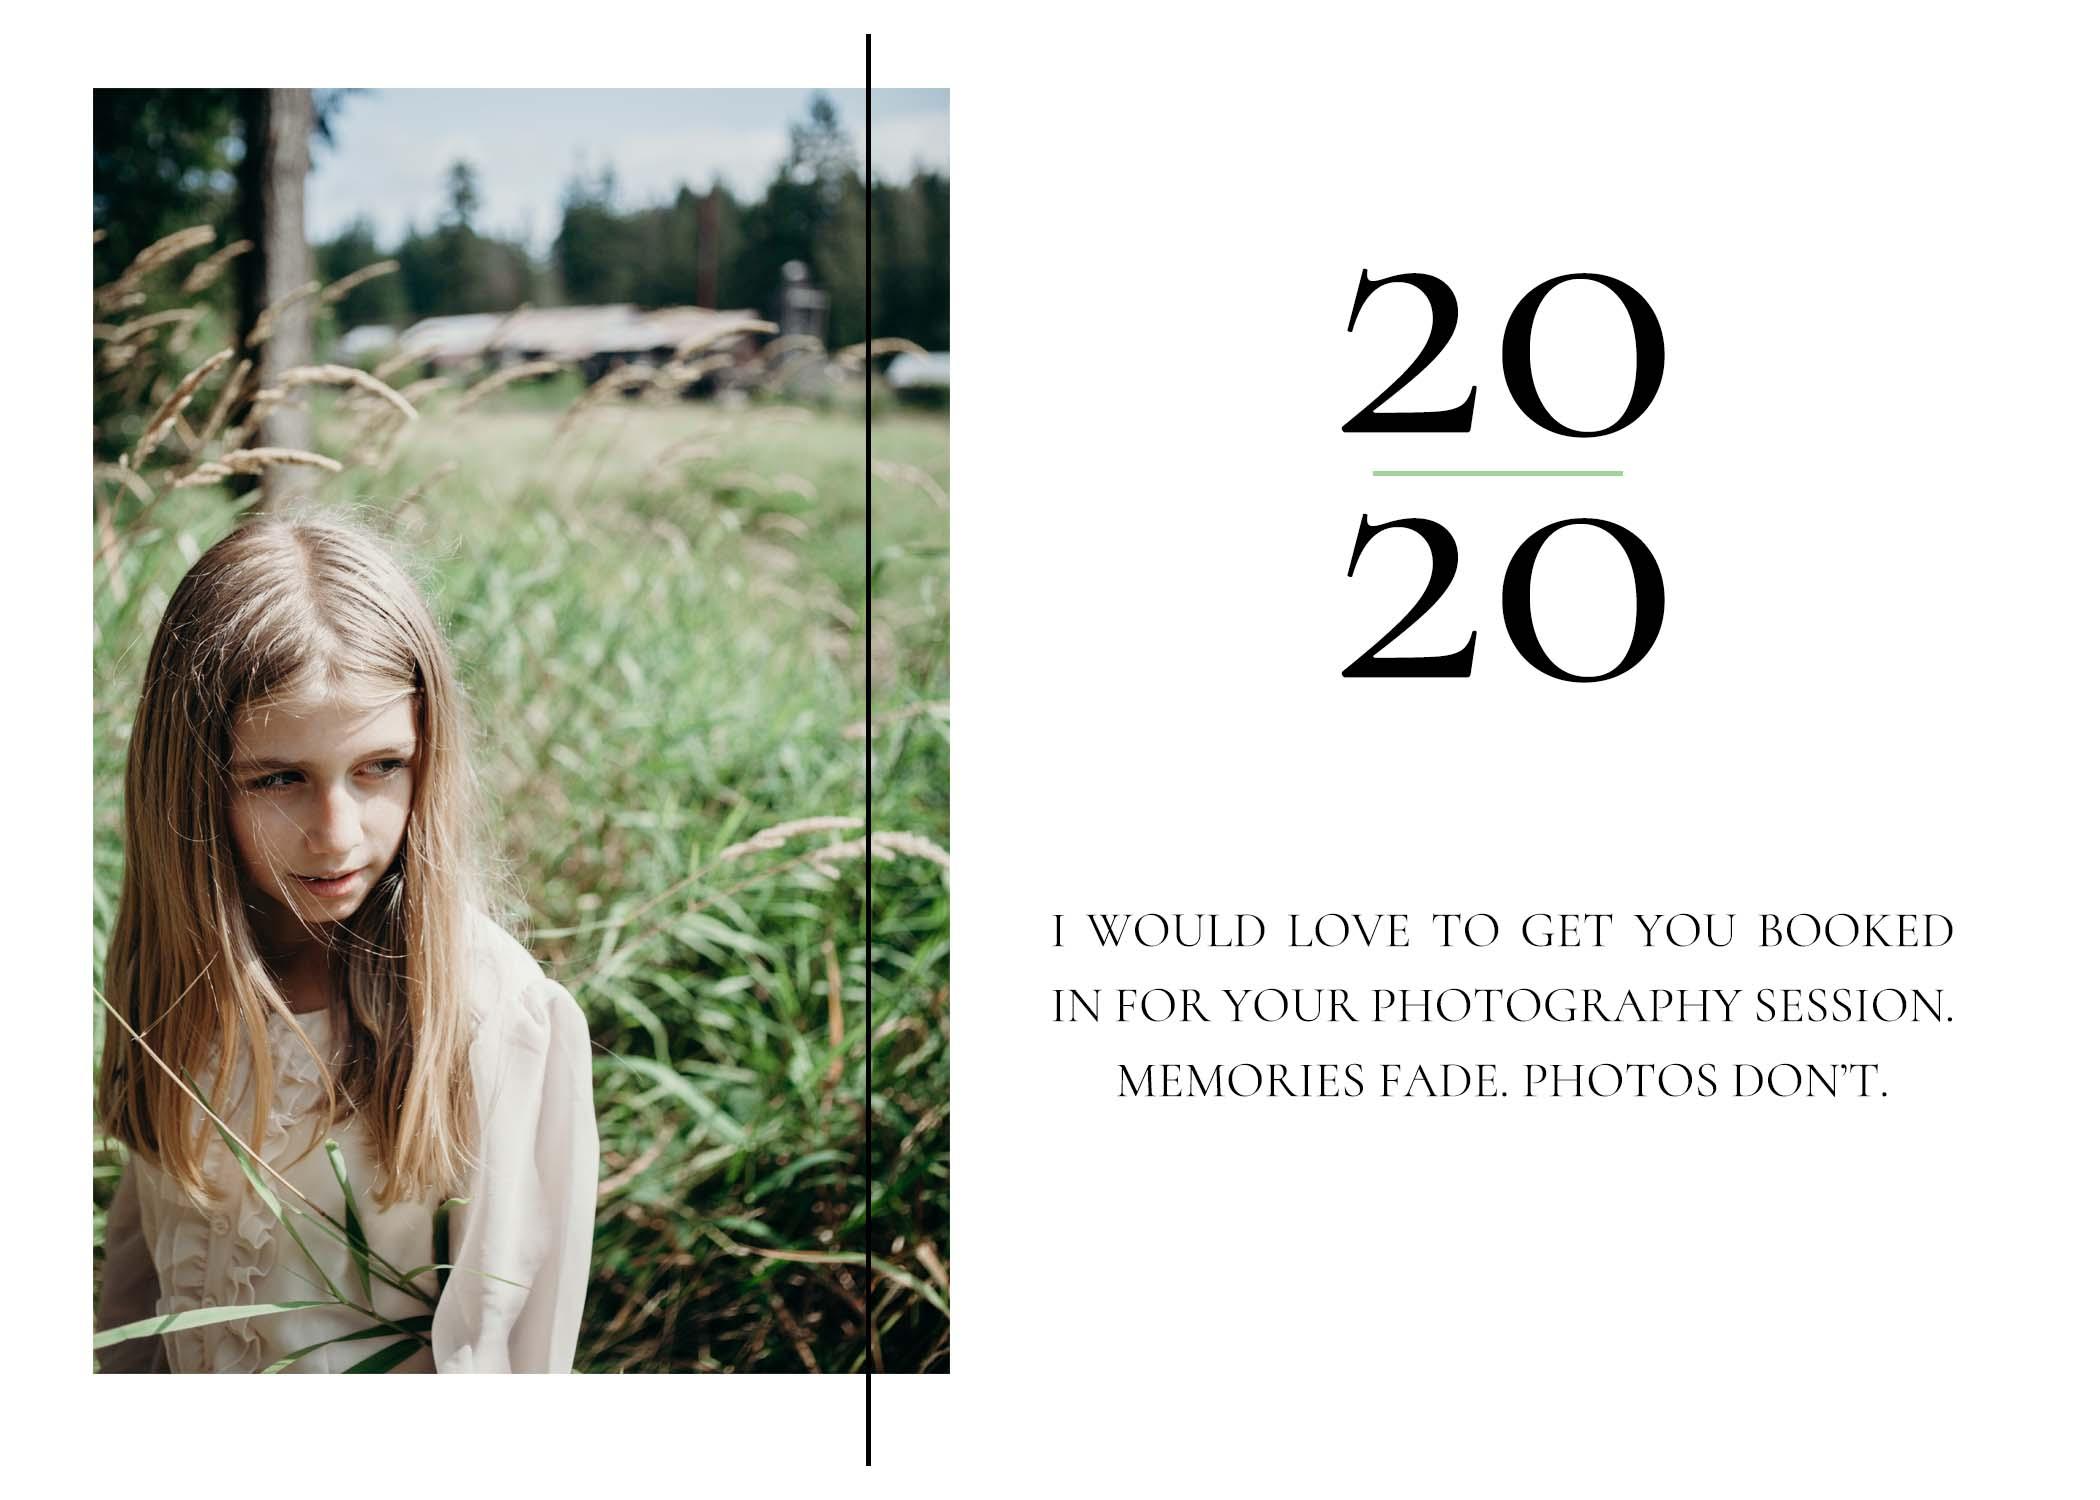 2020bookings copy.jpg